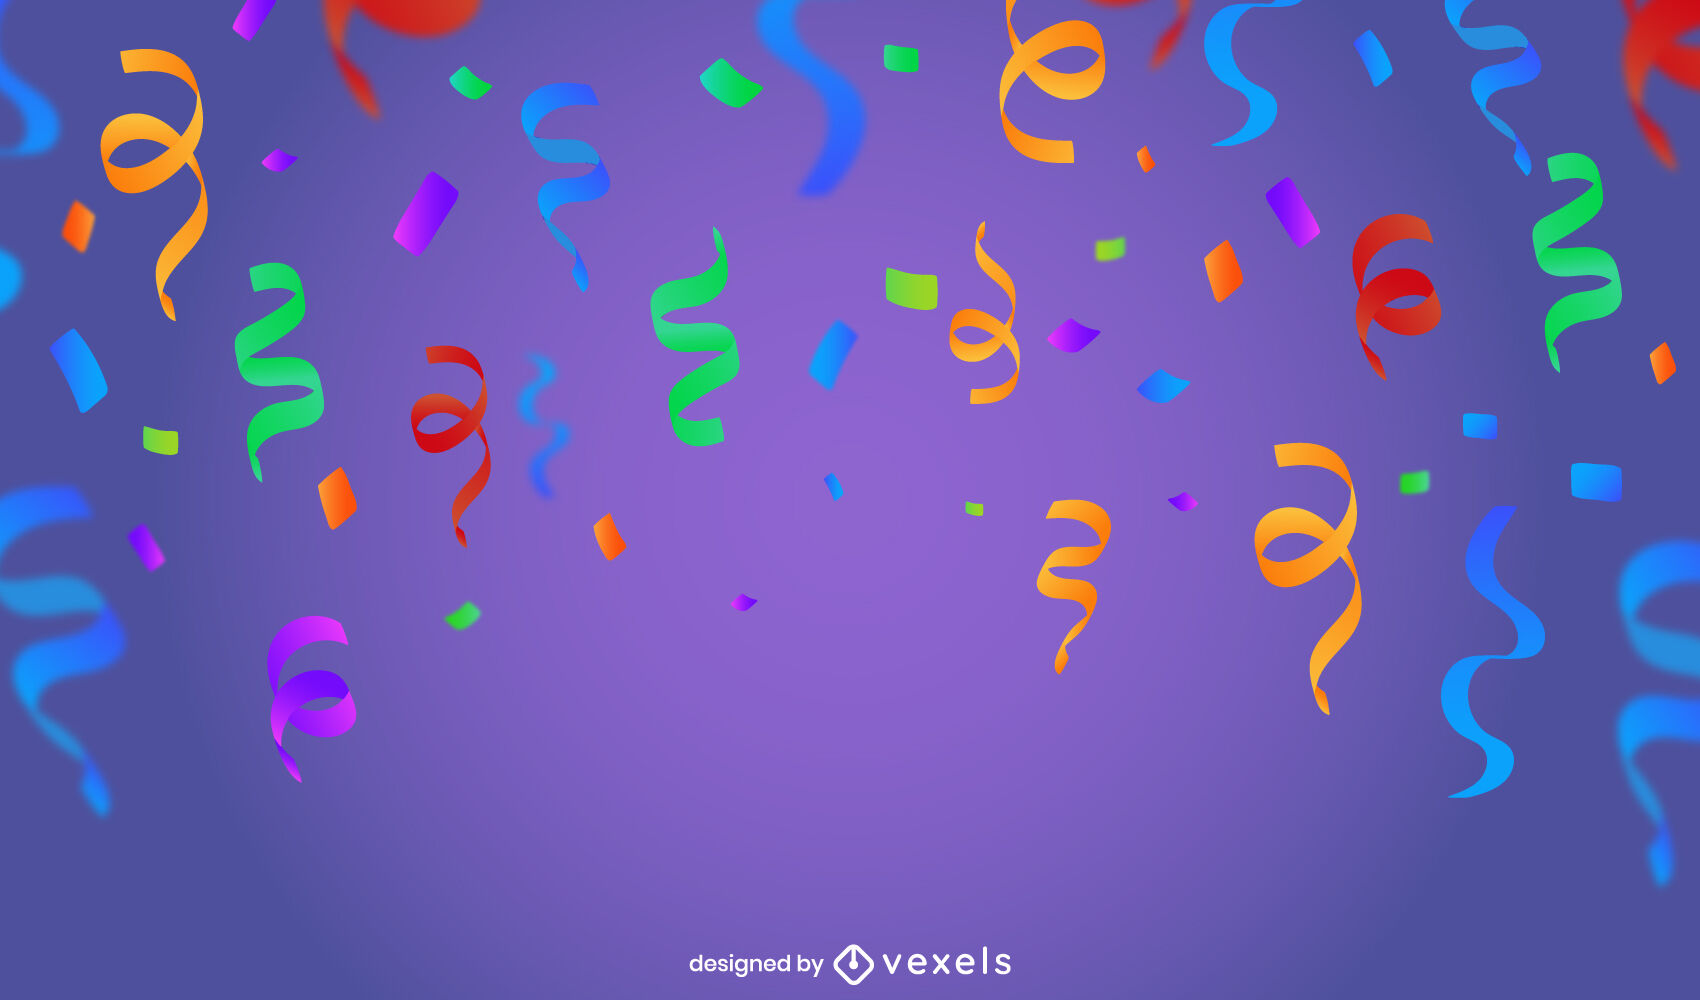 Colorful confetti party background design